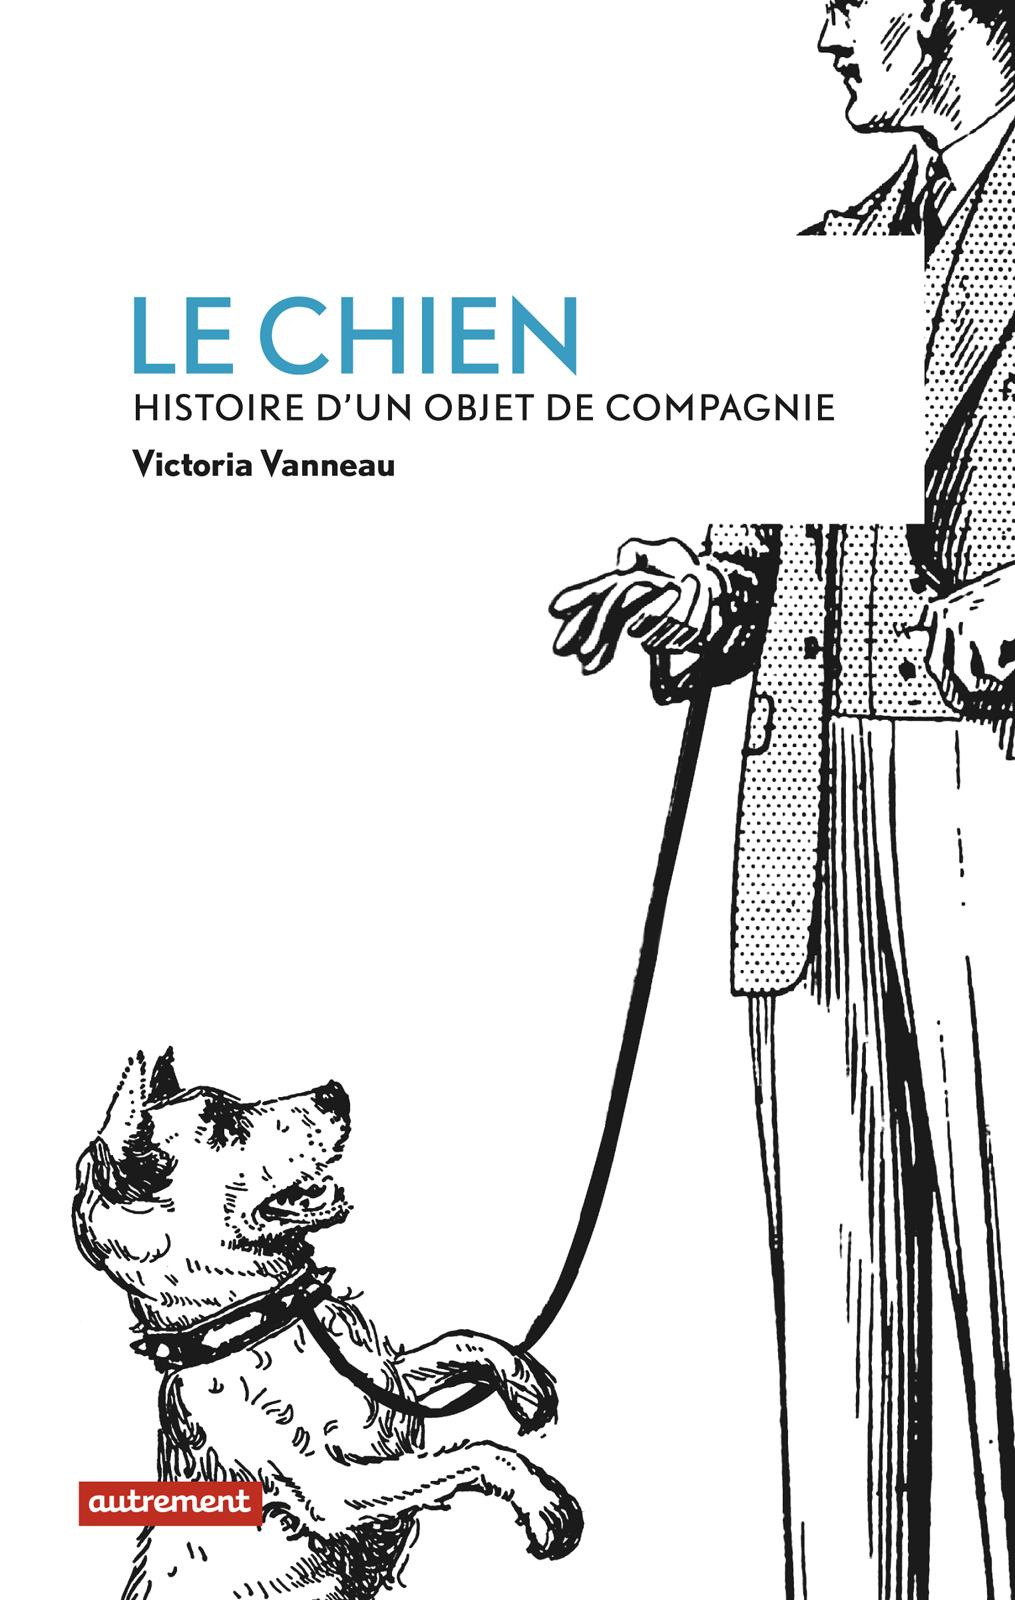 Le Chien, HISTOIRE D'UN OBJET DE COMPAGNIE